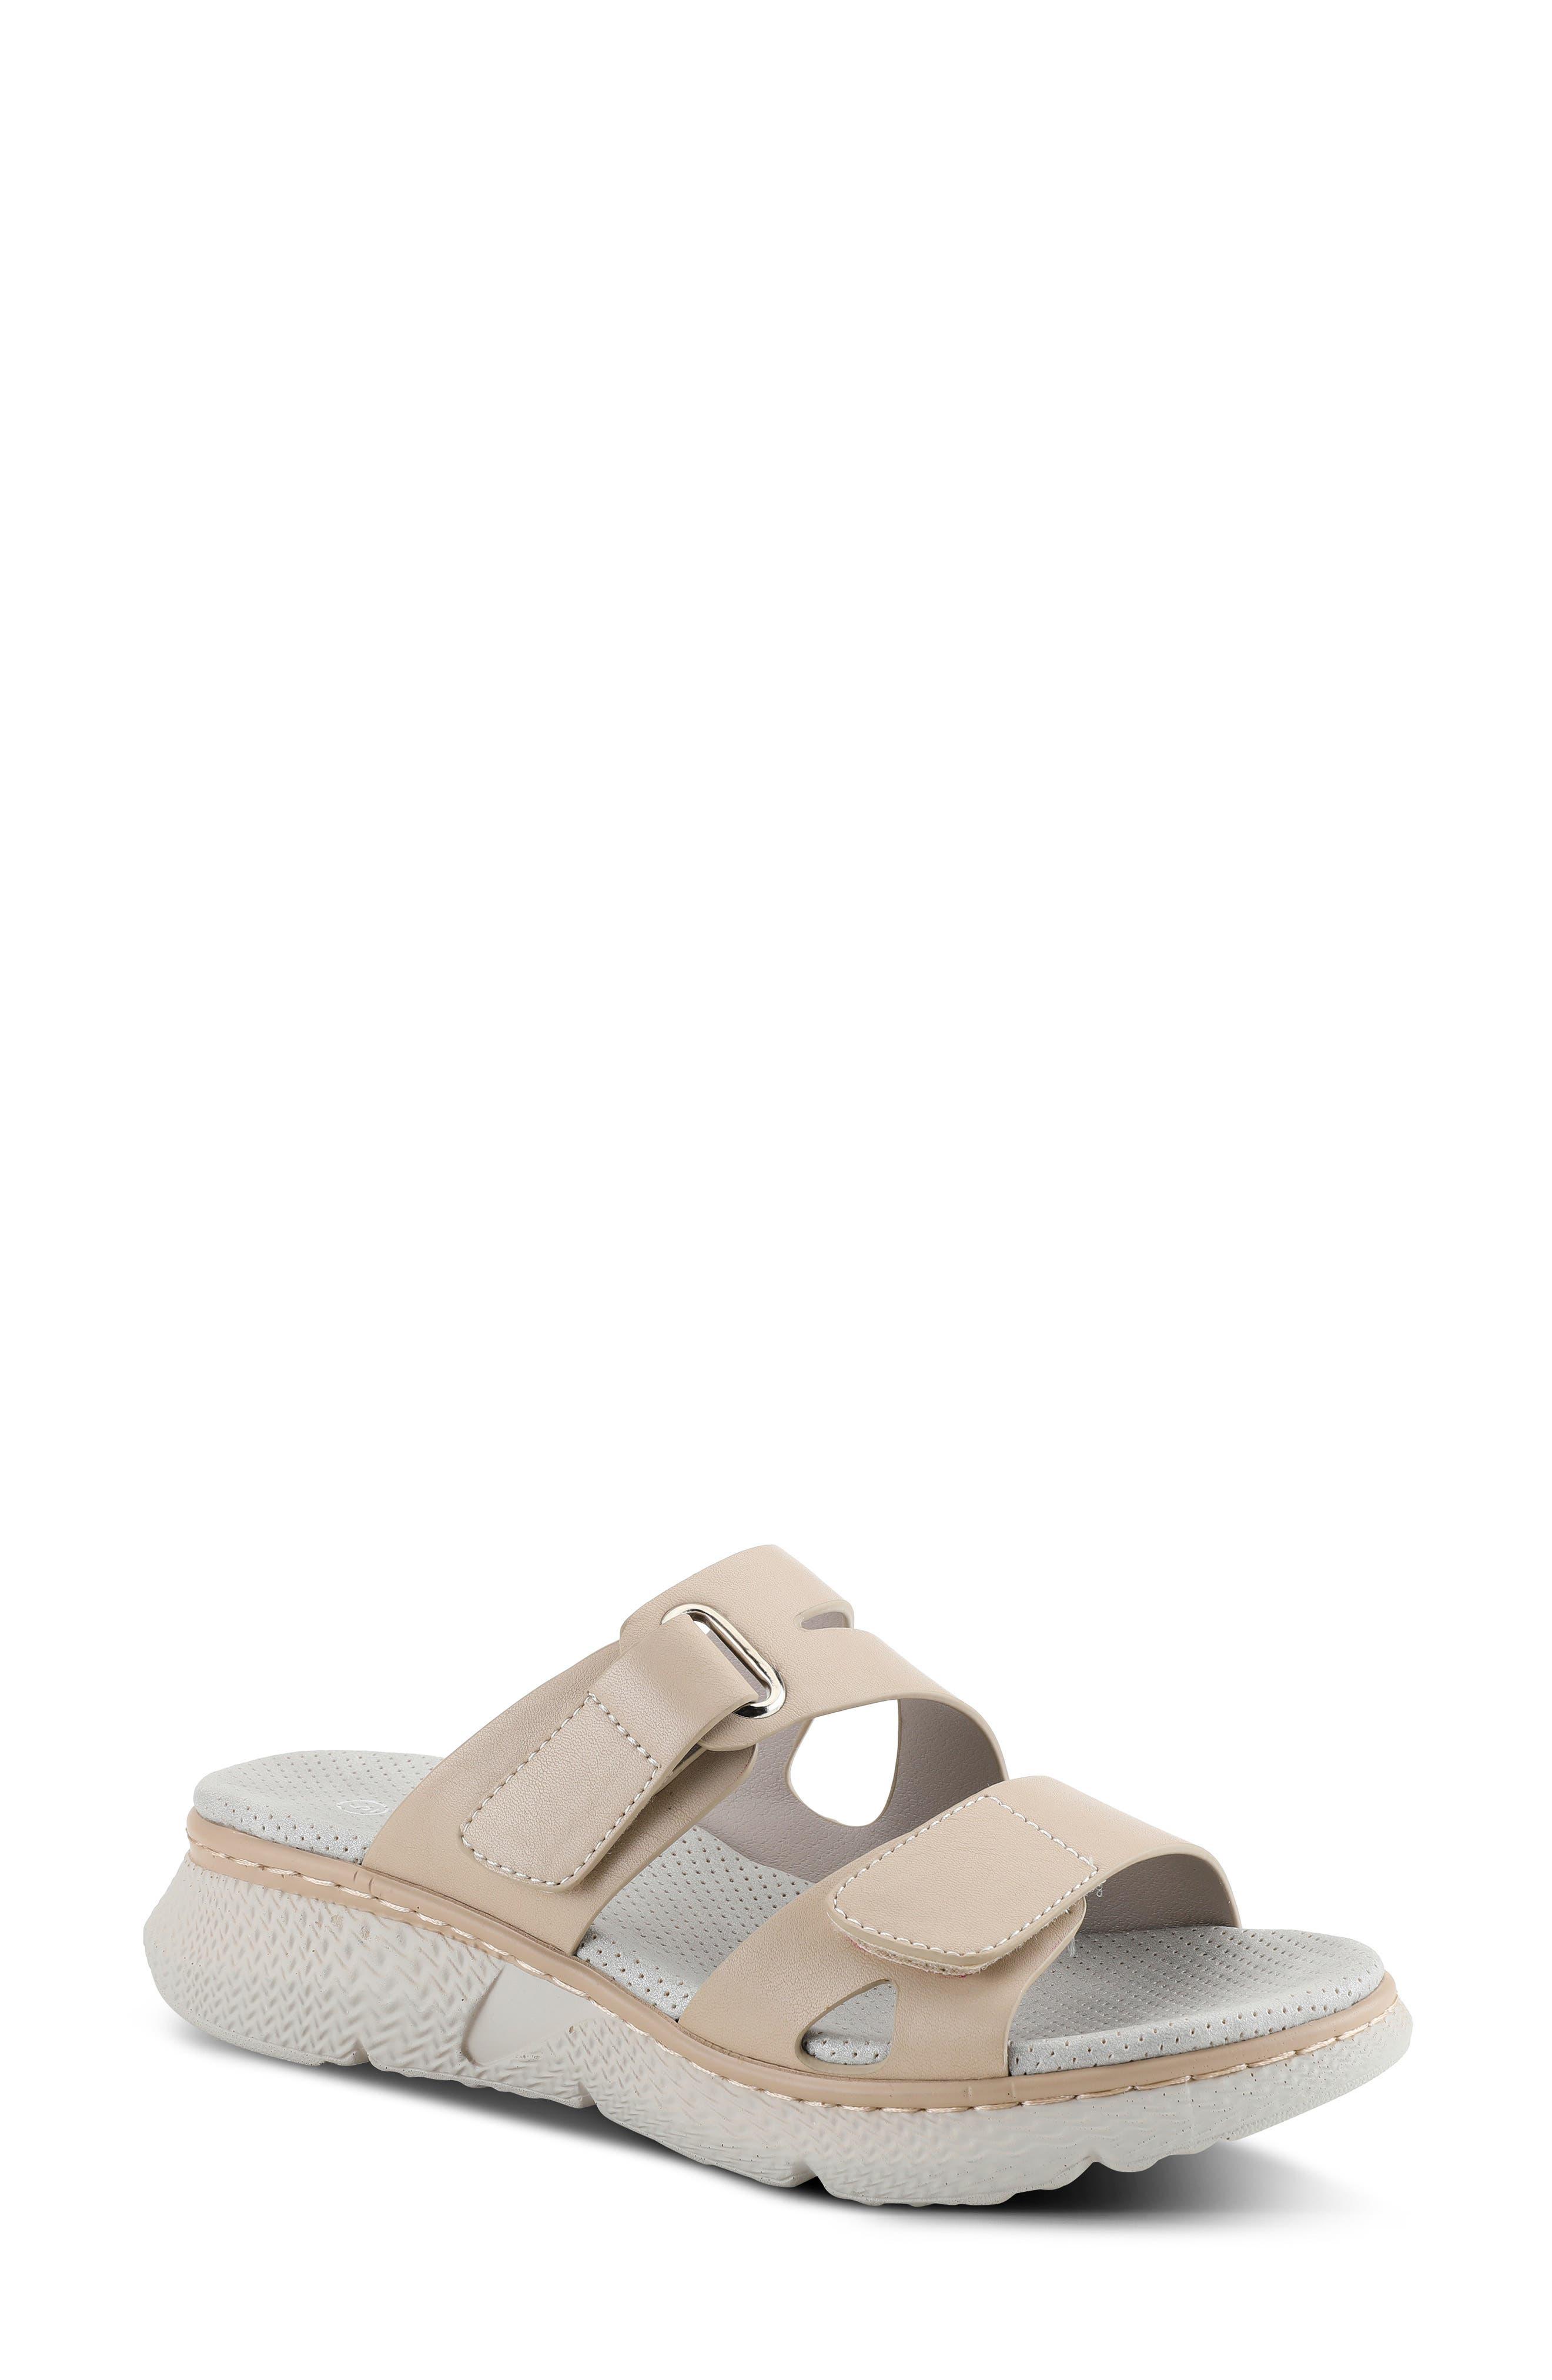 Maresse Wedge Slide Sandal